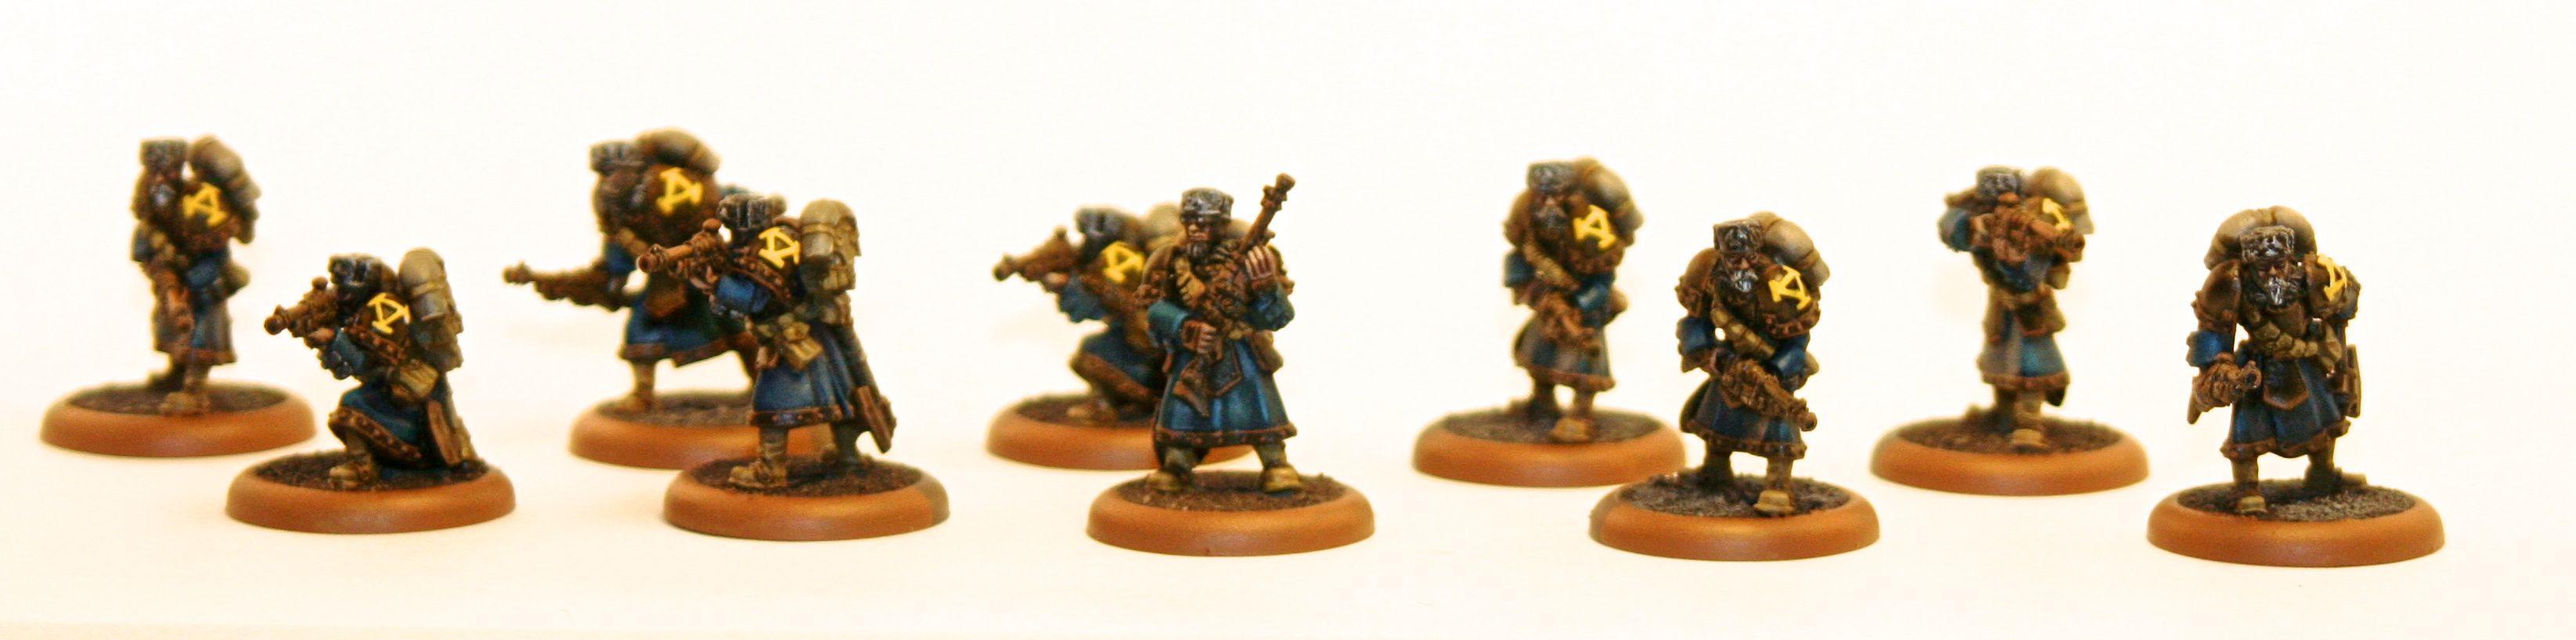 Hordes, Khador, Rifle Corps, Warmachine